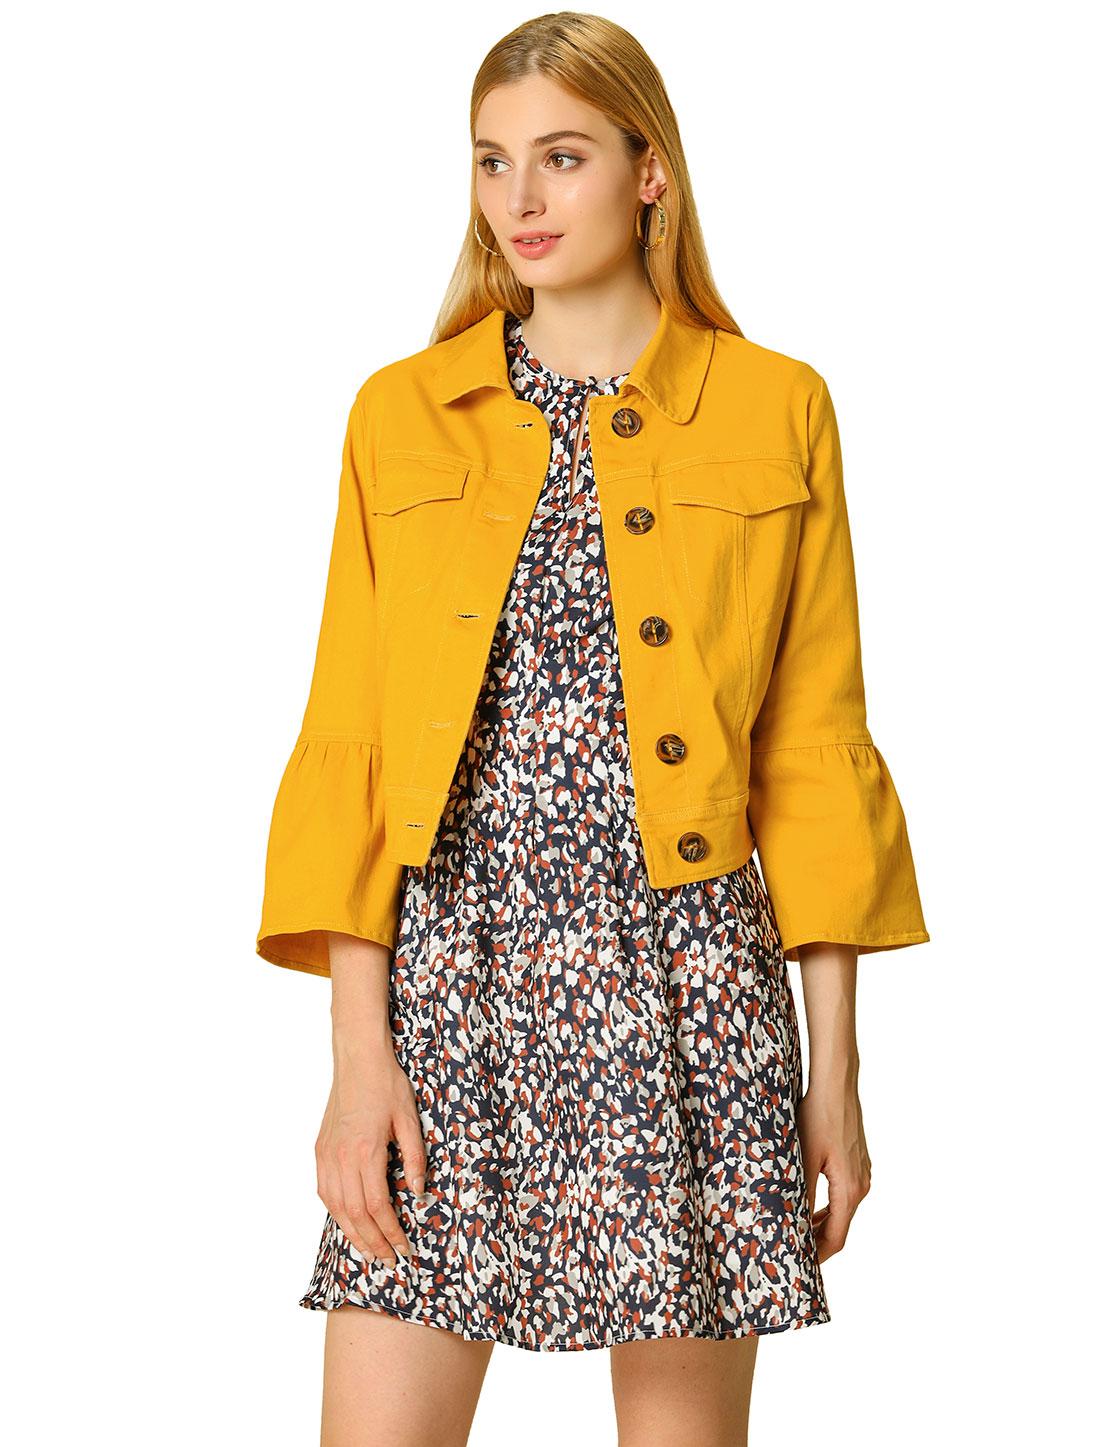 Allegra K Women's Ruffle 3/4 Sleeve Cropped Trucker Jacket Yellow XL